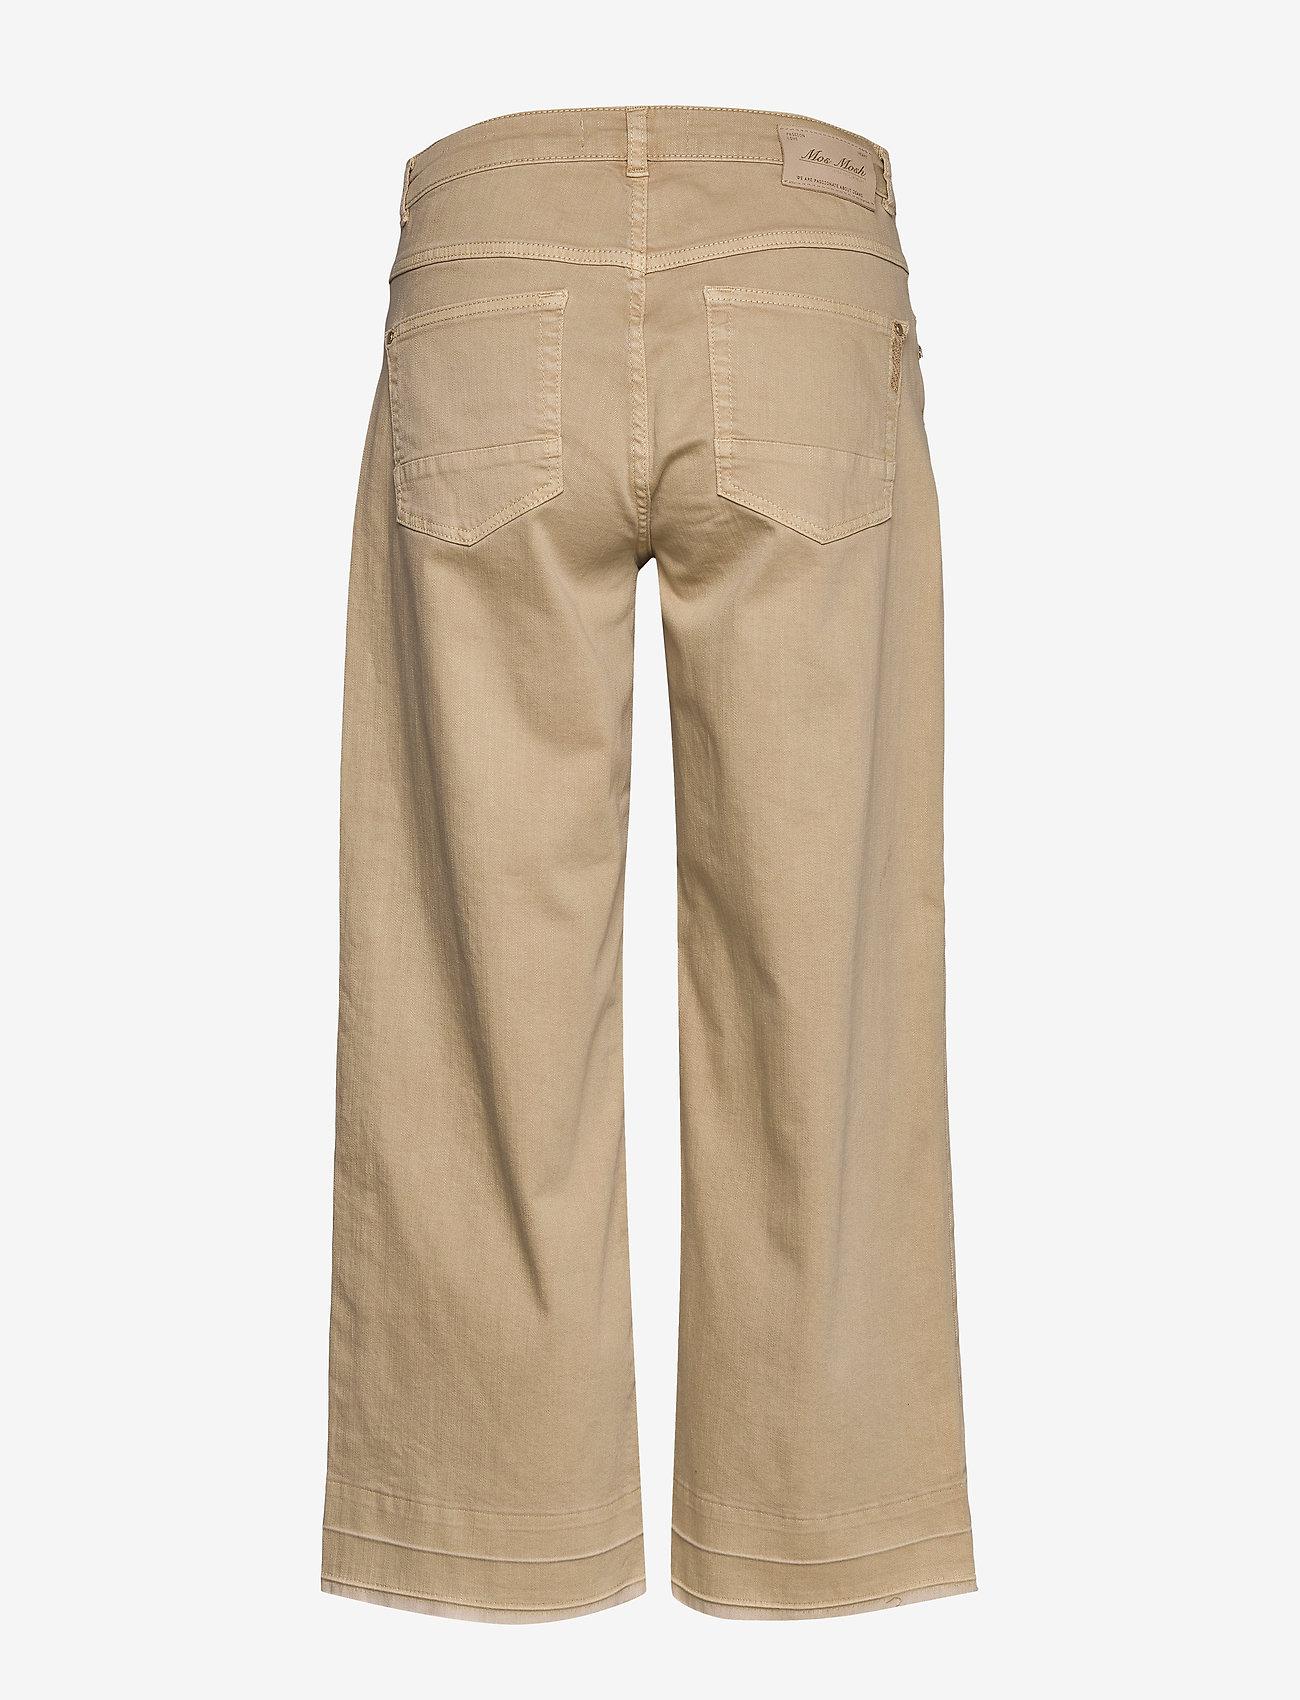 MOS MOSH Cora G.D Jeans - Dżinsy SAFARI - Kobiety Odzież.